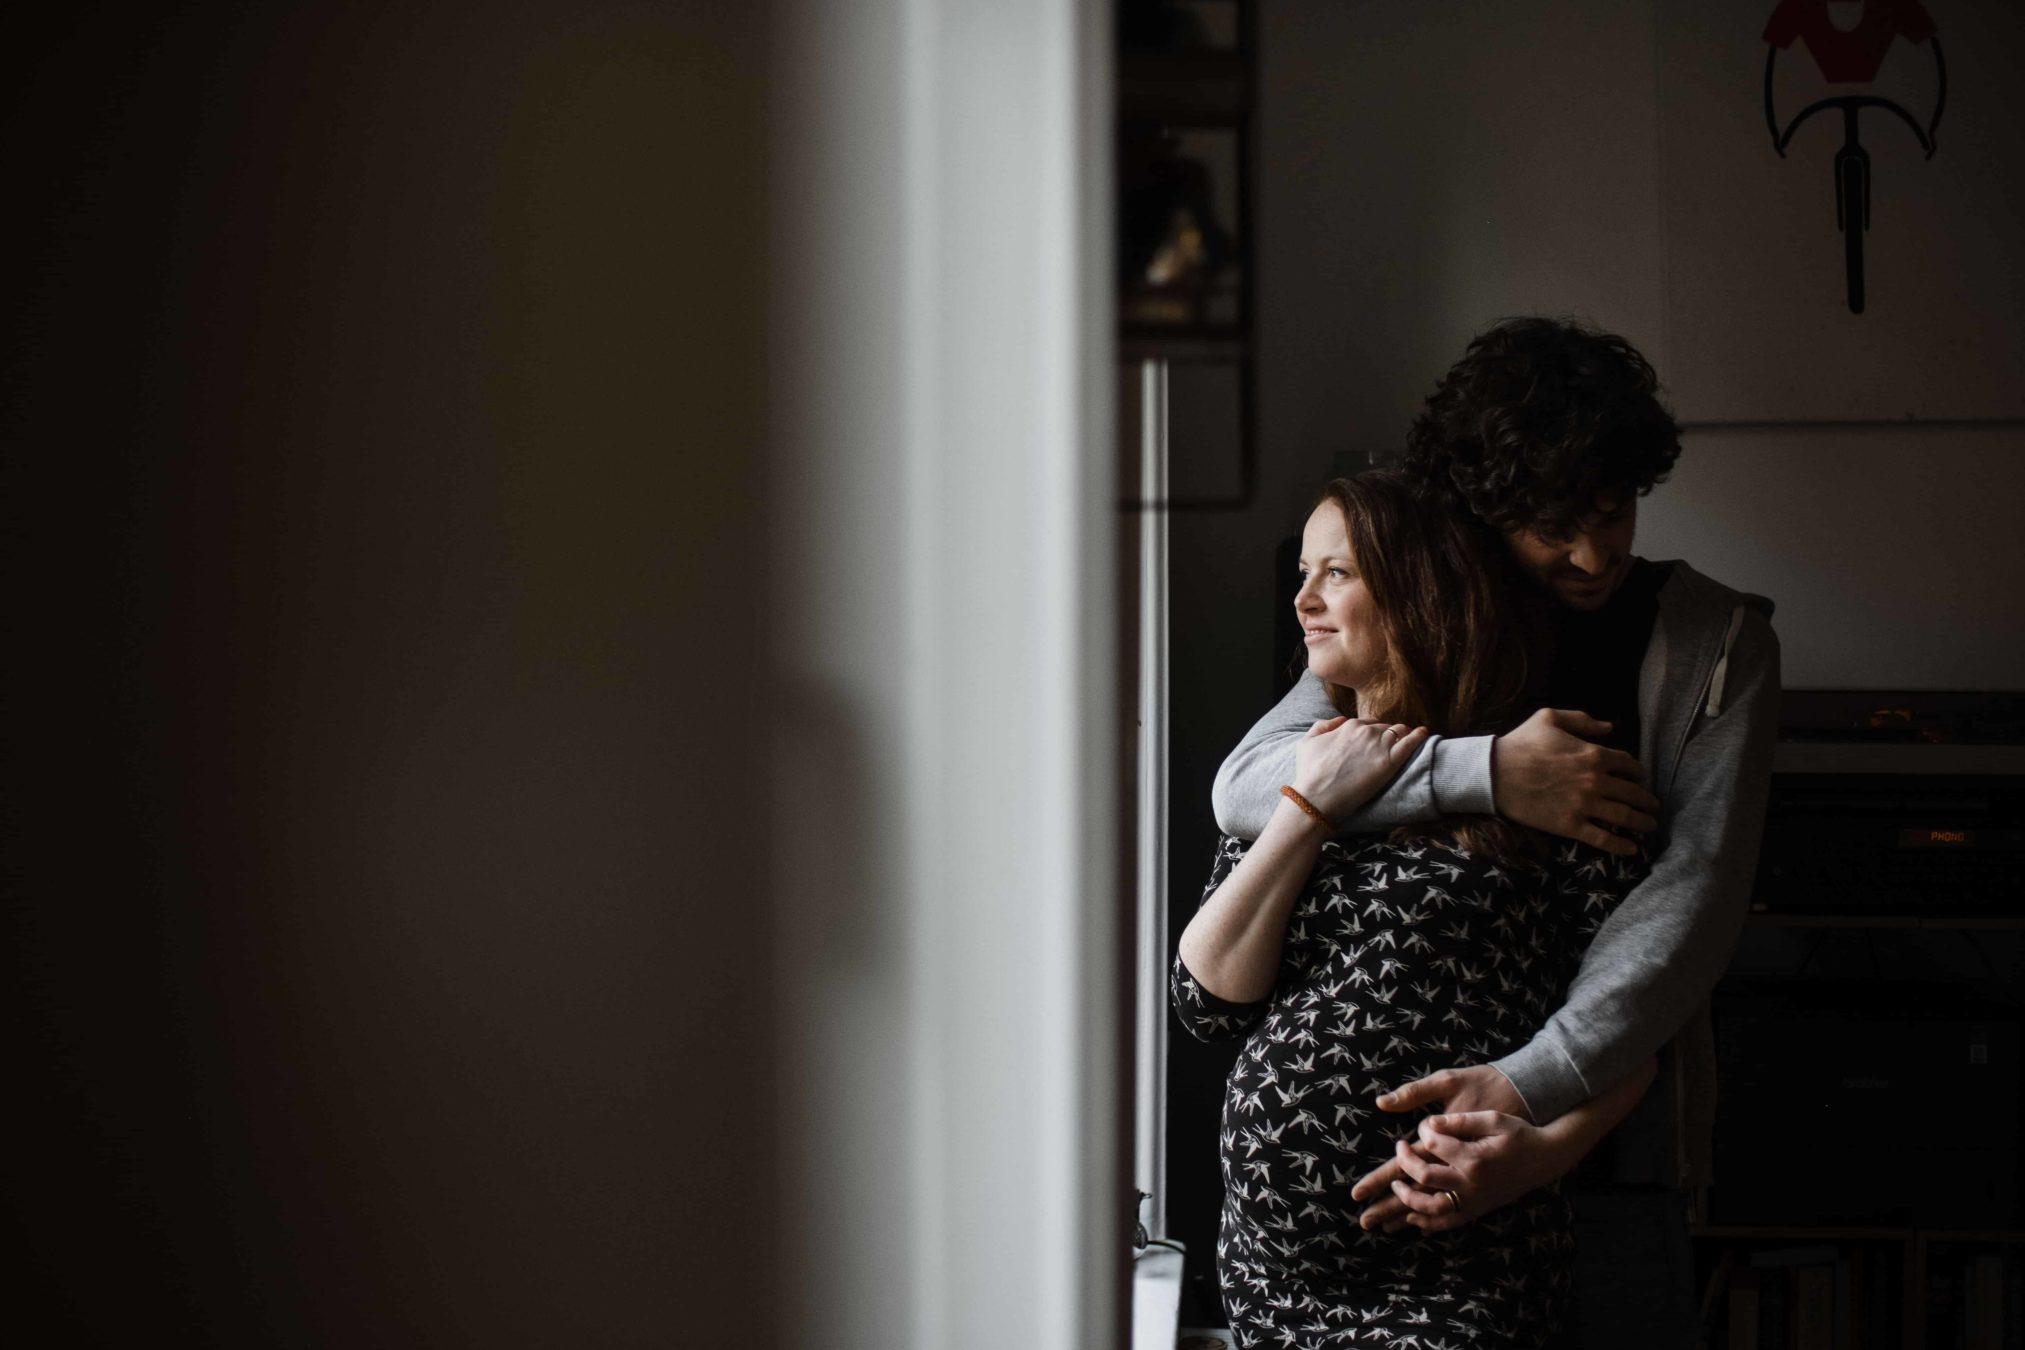 ein Mann hält seine Frau in dem Armen, den Arm hält er um ihren Hals, die andere Hand hält er an den Bauch der schwangeren Frau, die Frau schaut hinaus in die Ferne, sie stehen an einem Fenster, der Mann schaut an der Schulter der Frau vorbei auf den Boden, die Frau hält ihre Hand an den Arm des Mannes